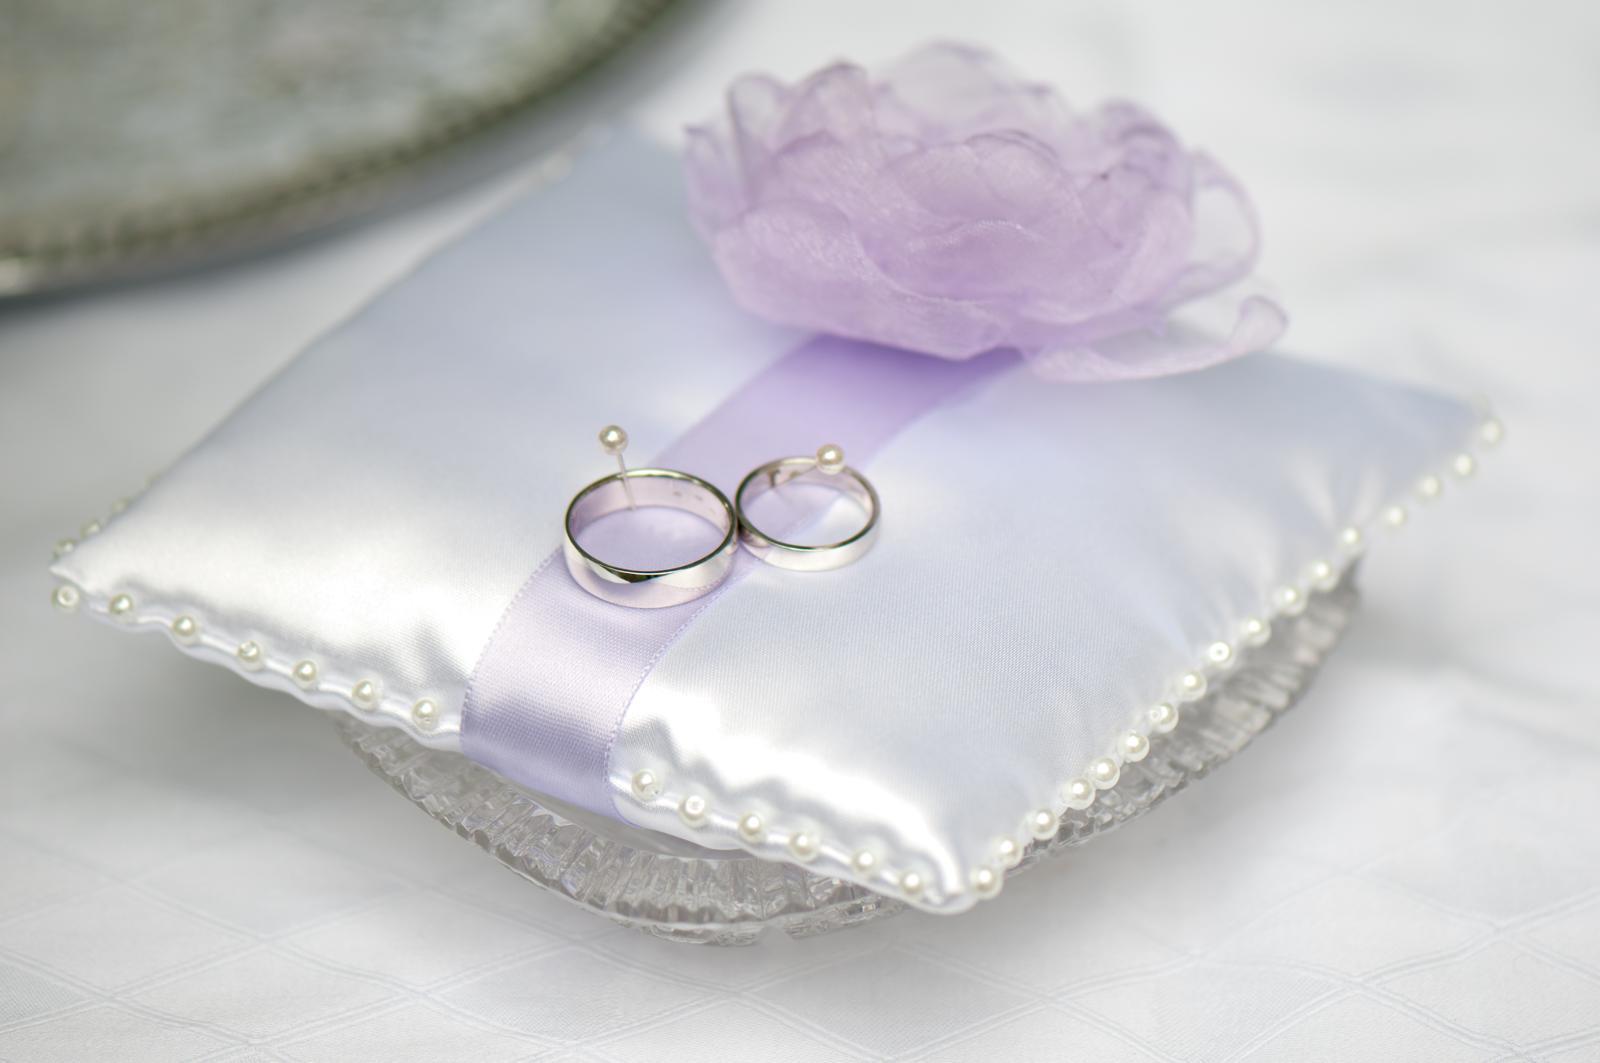 Bílý polštářek pod prstýnky s fialovou květinkou - Obrázek č. 1